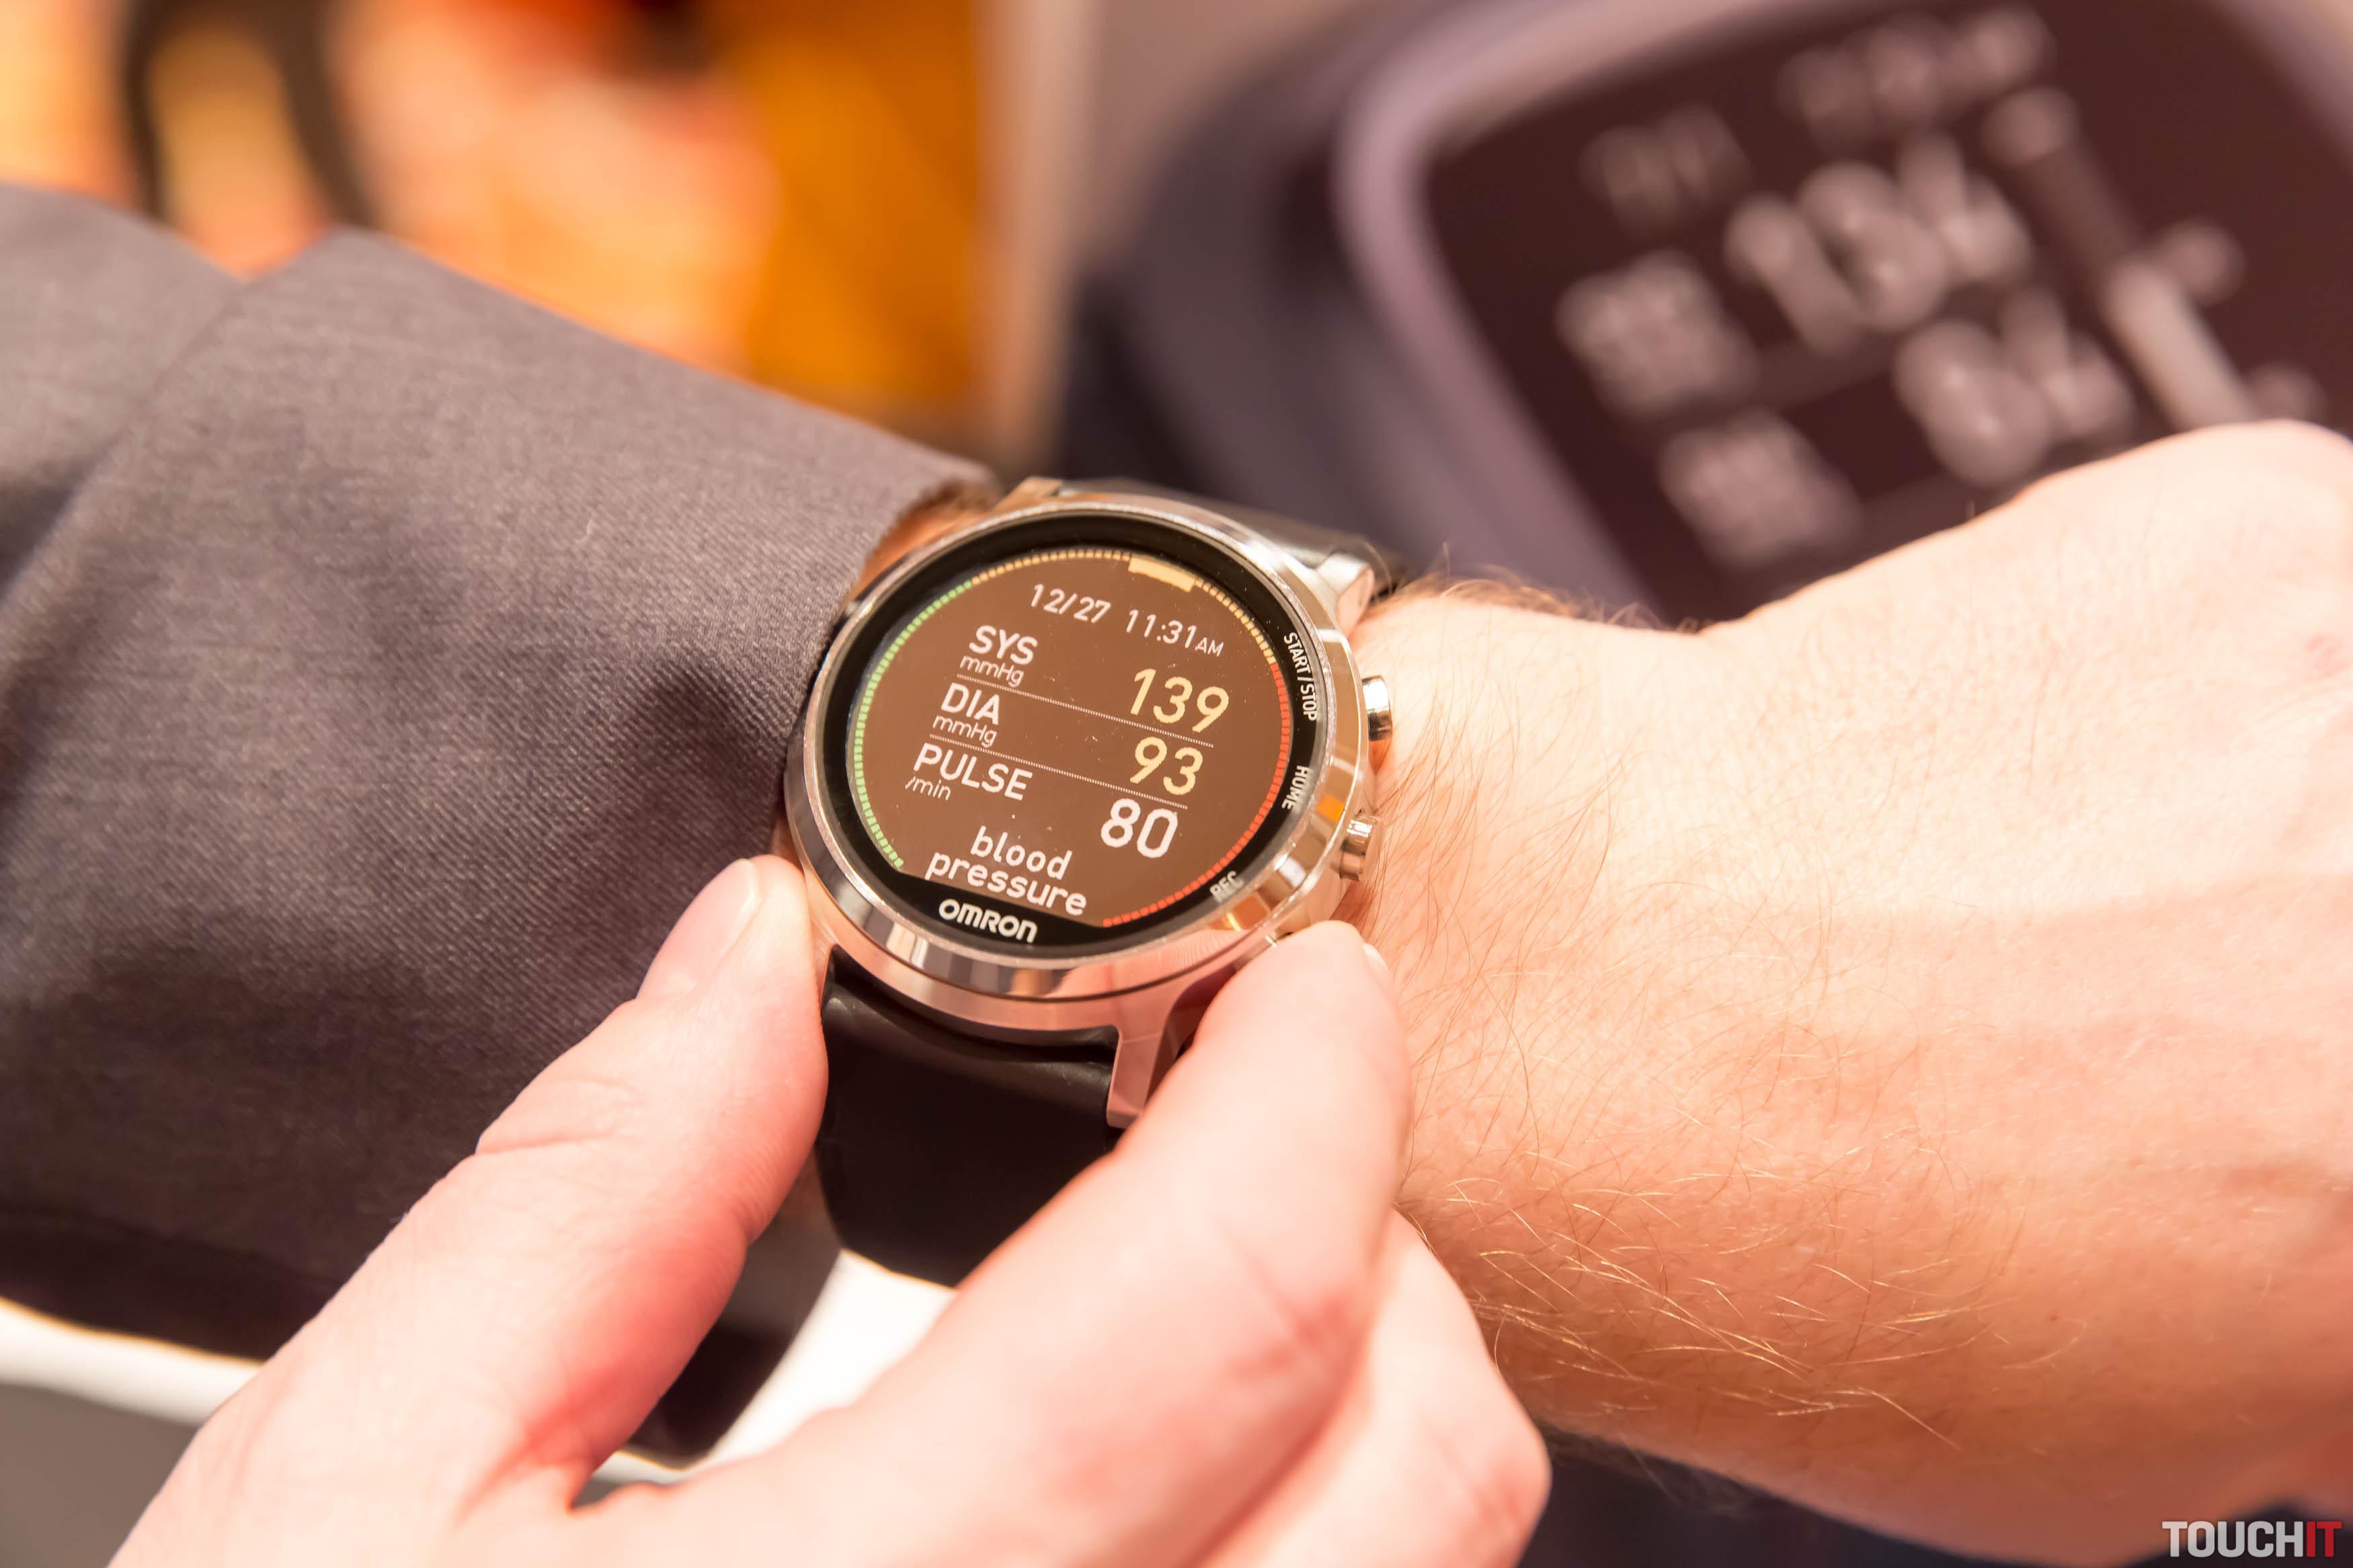 c6a516568 Meranie tlaku krvi na zápästí, kedykoľvek chcete (CES) | TOUCHIT